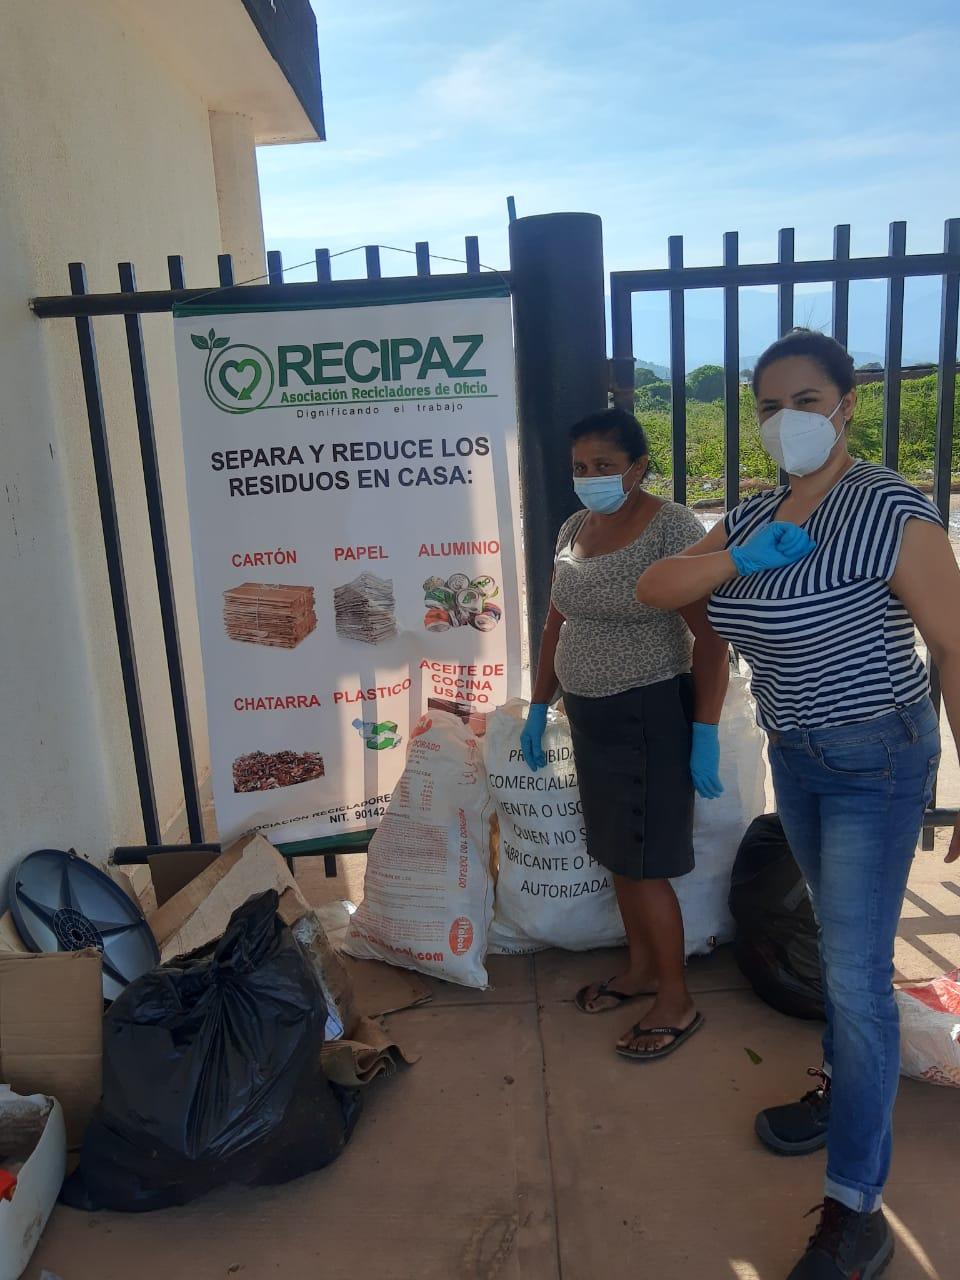 Asociación RECIPAZ conmemoró Día del Trabajador